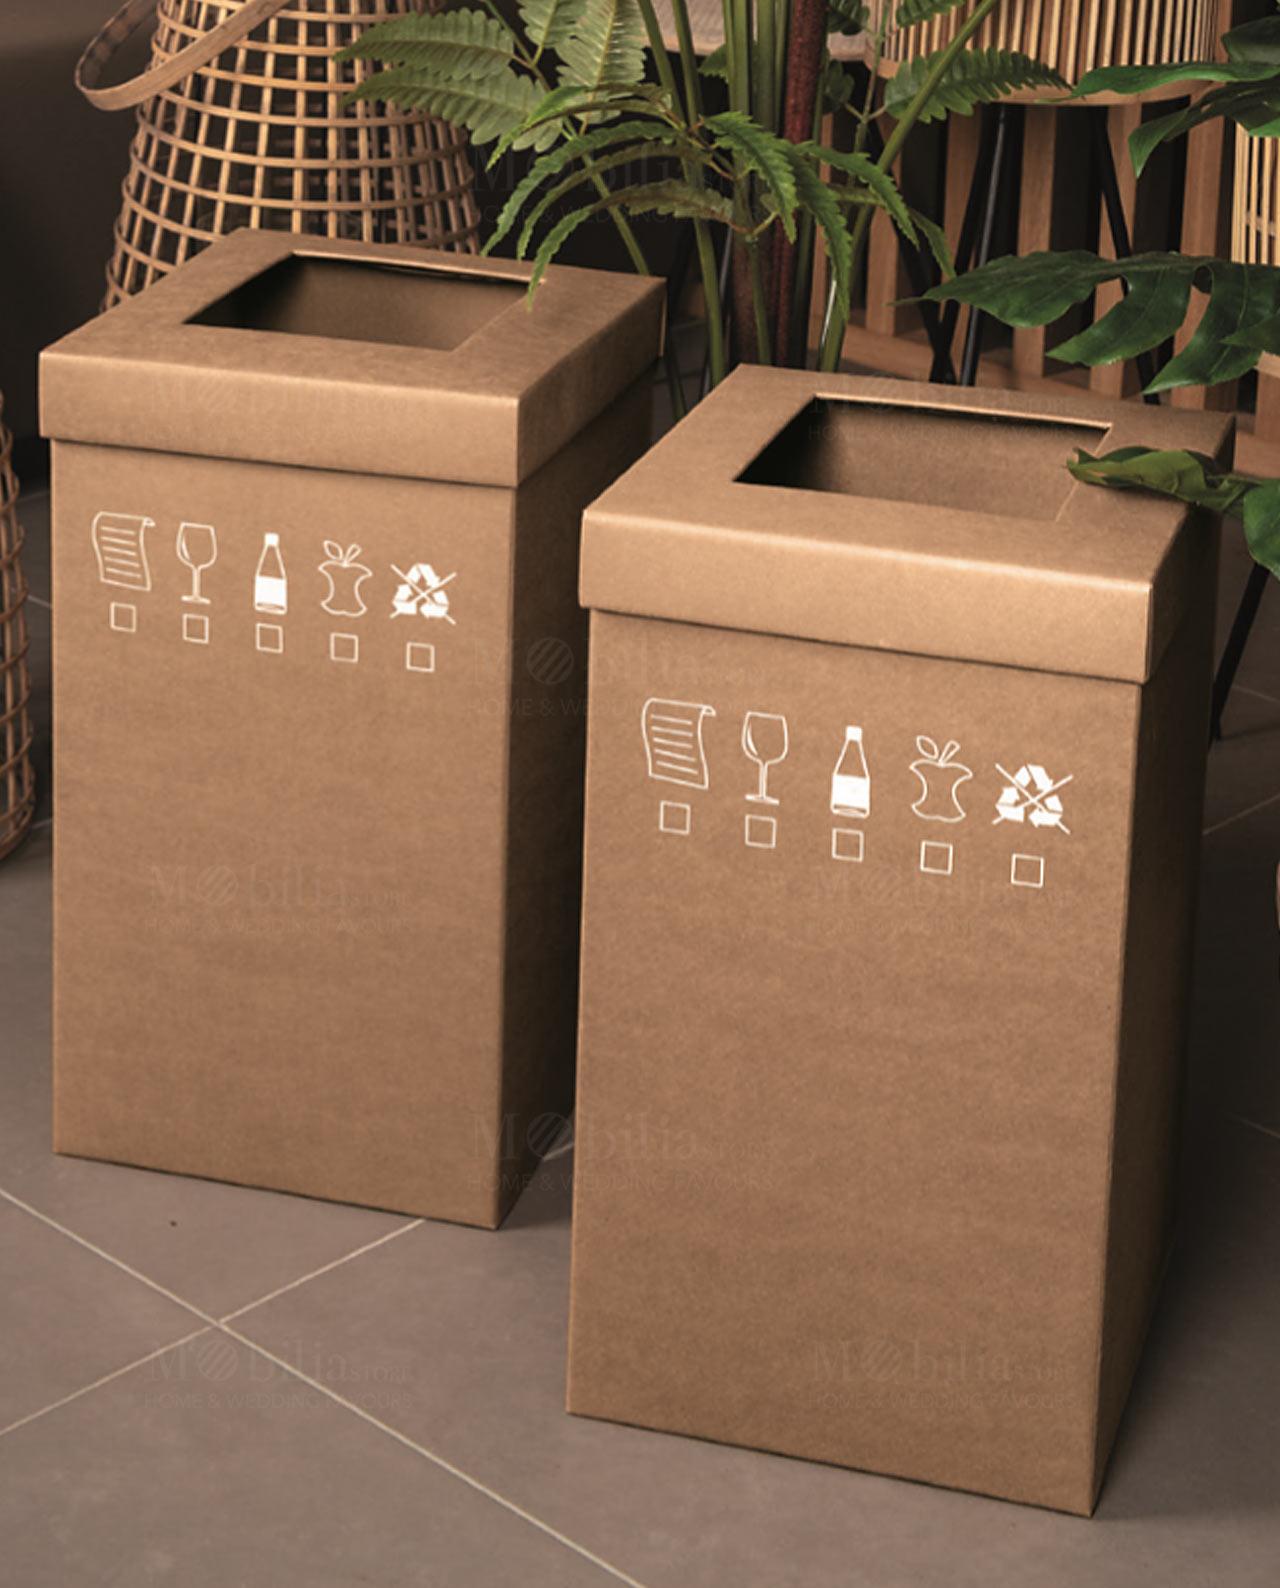 Cestini Raccolta Differenziata Casa cestino differenziata ecologico cartone naturale